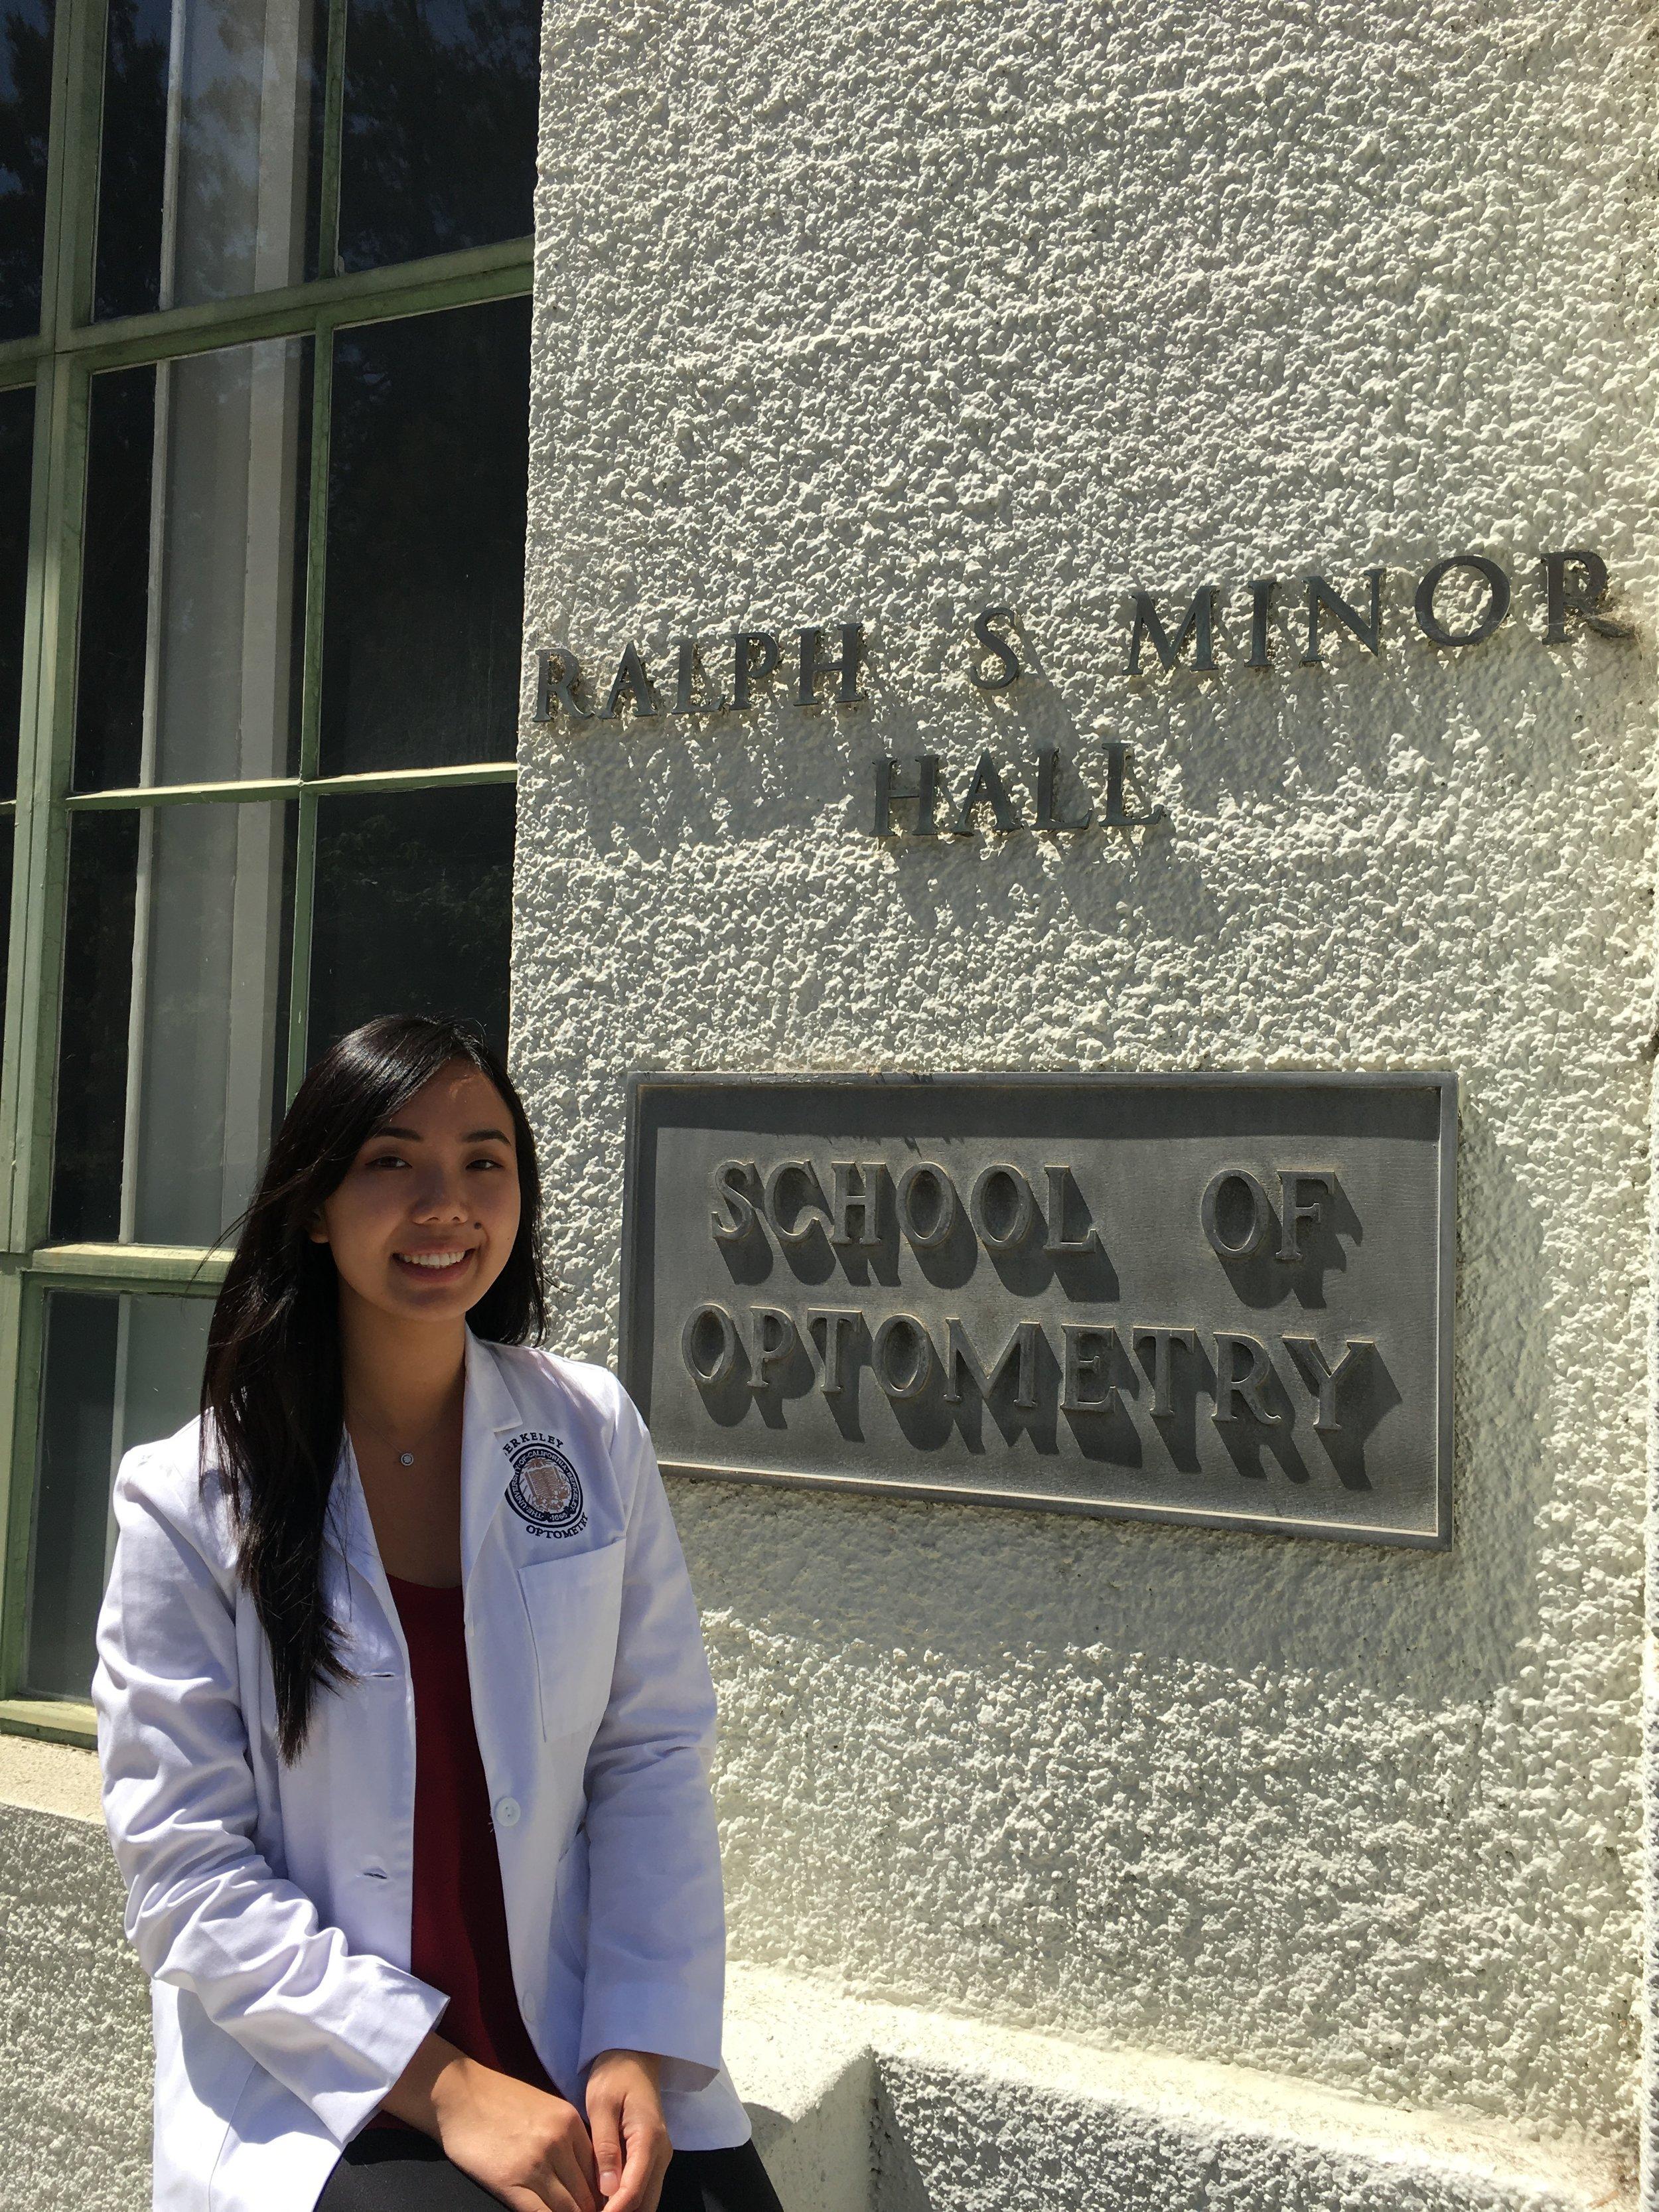 UC Berkeley School of Optometry